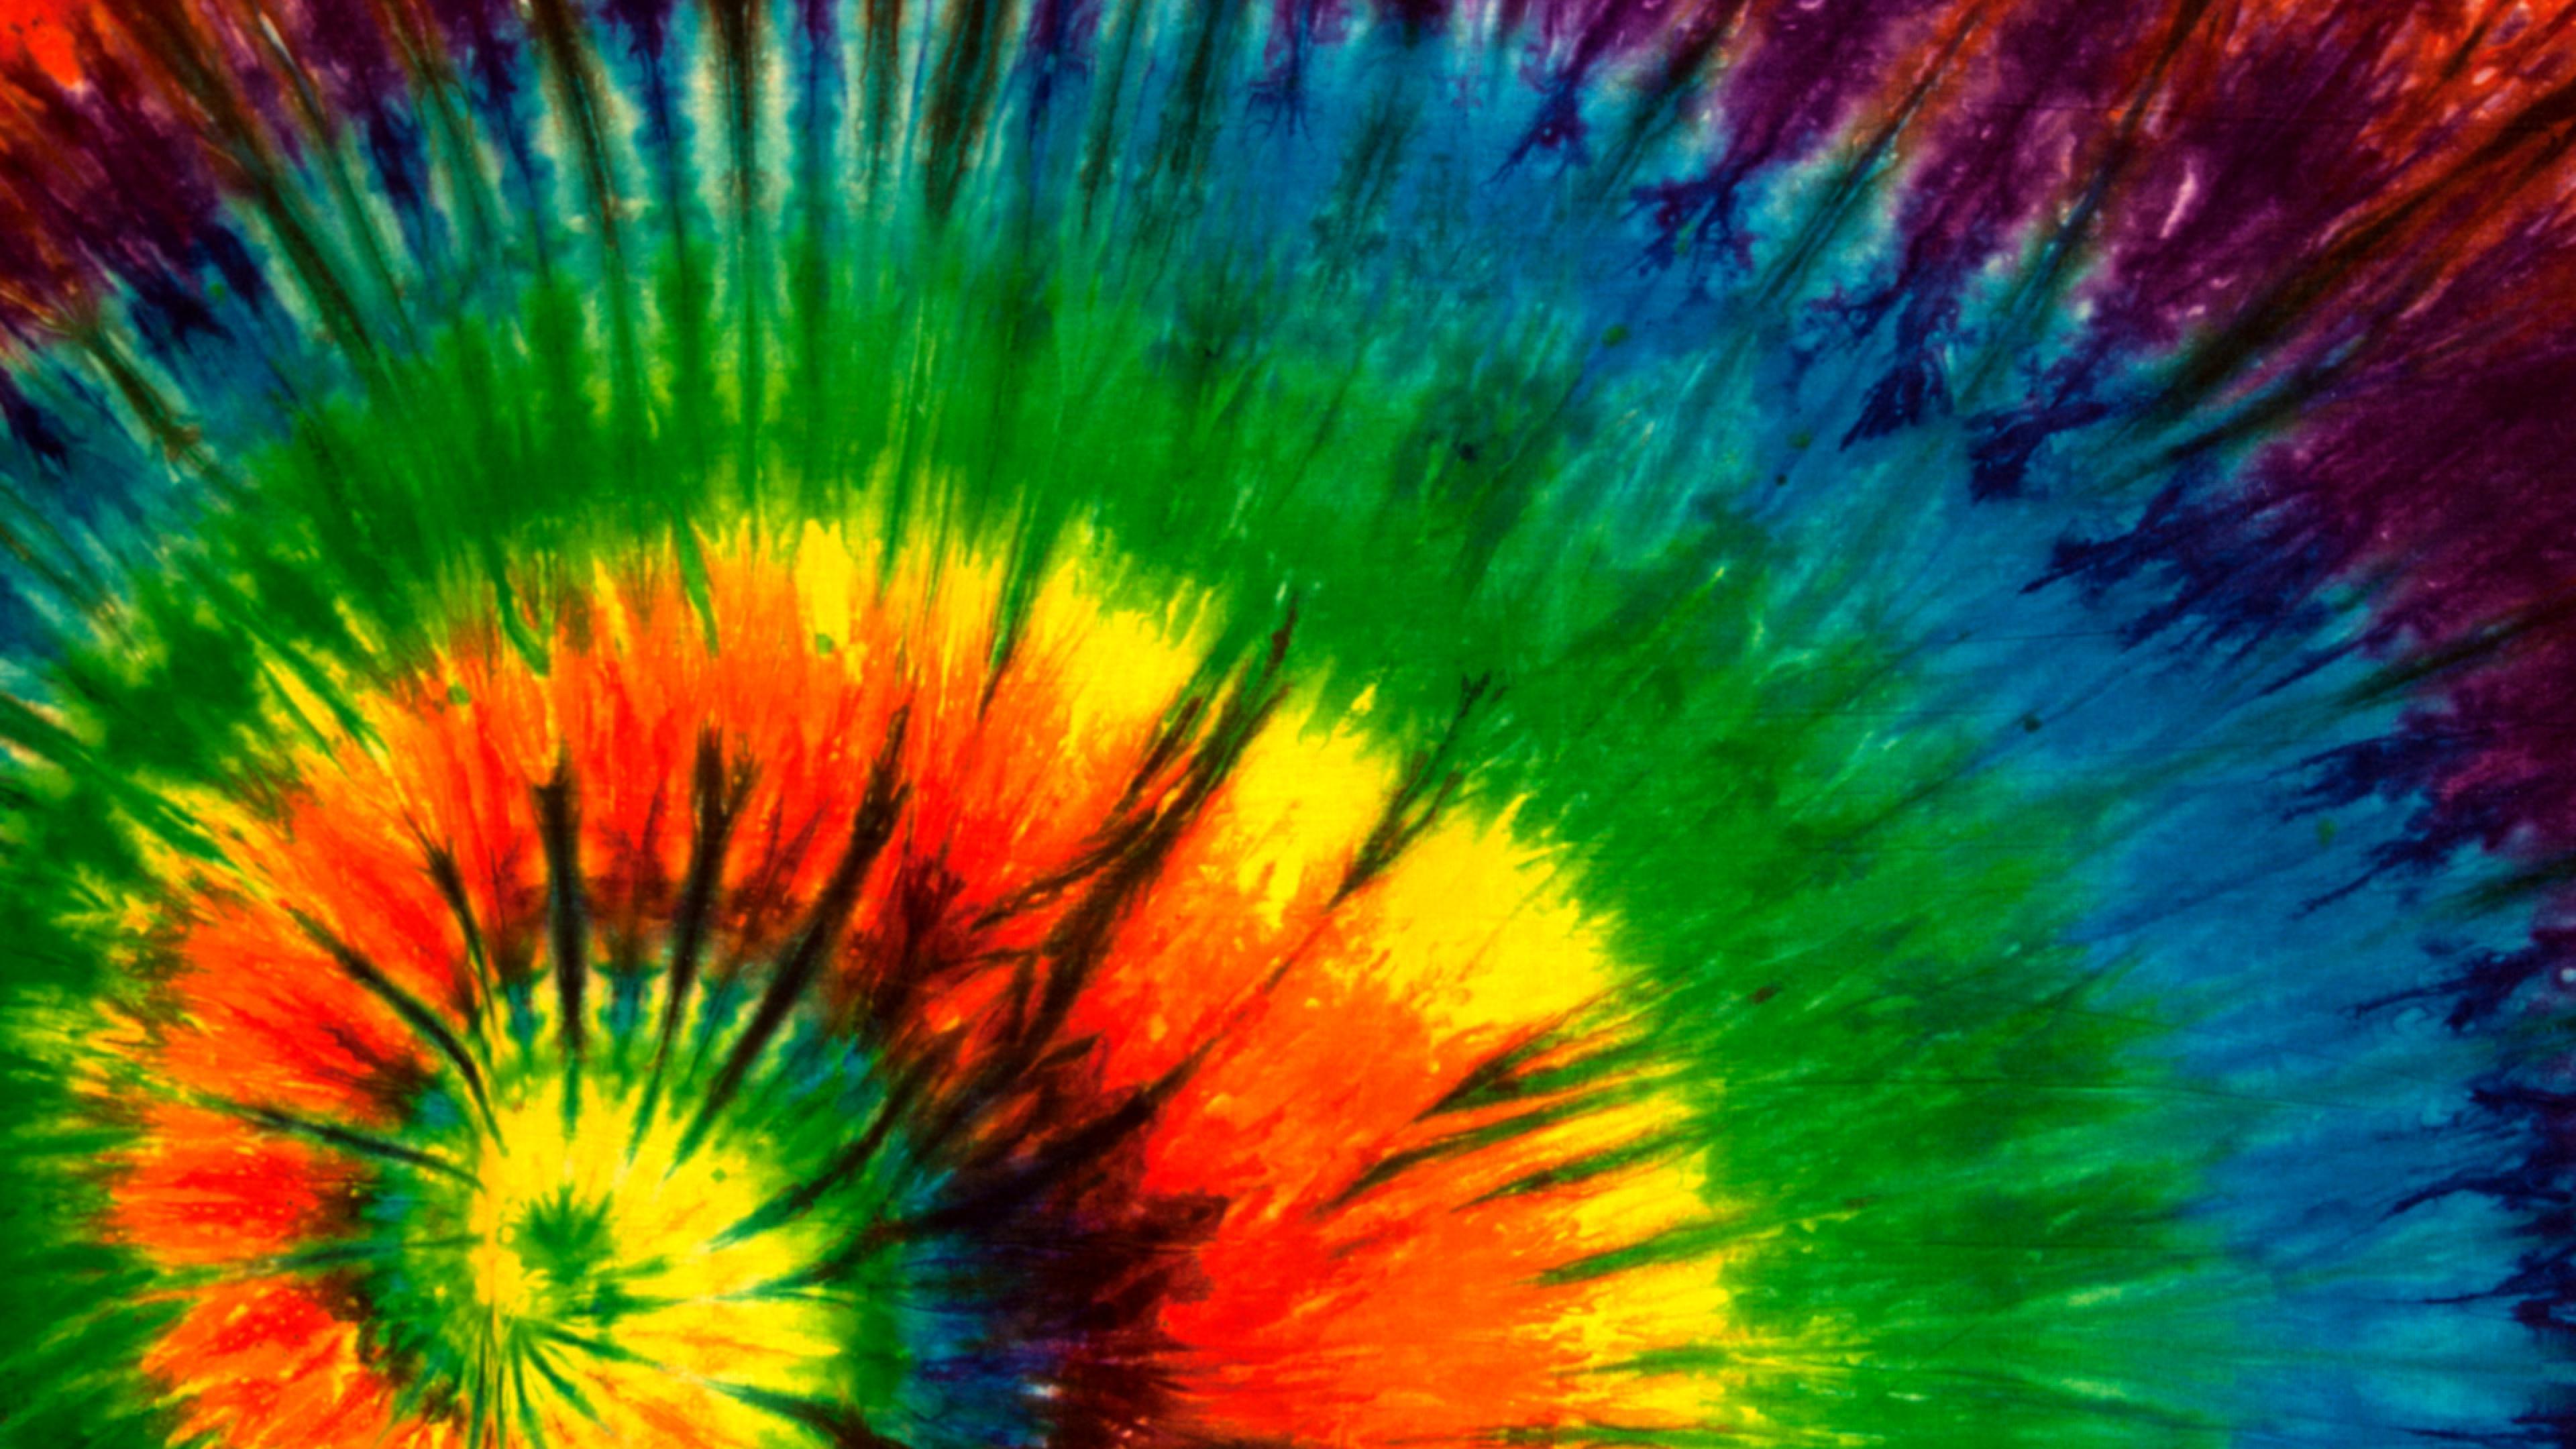 Tie Dye Wallpapers   Top Tie Dye Backgrounds   WallpaperAccess 3840x2160